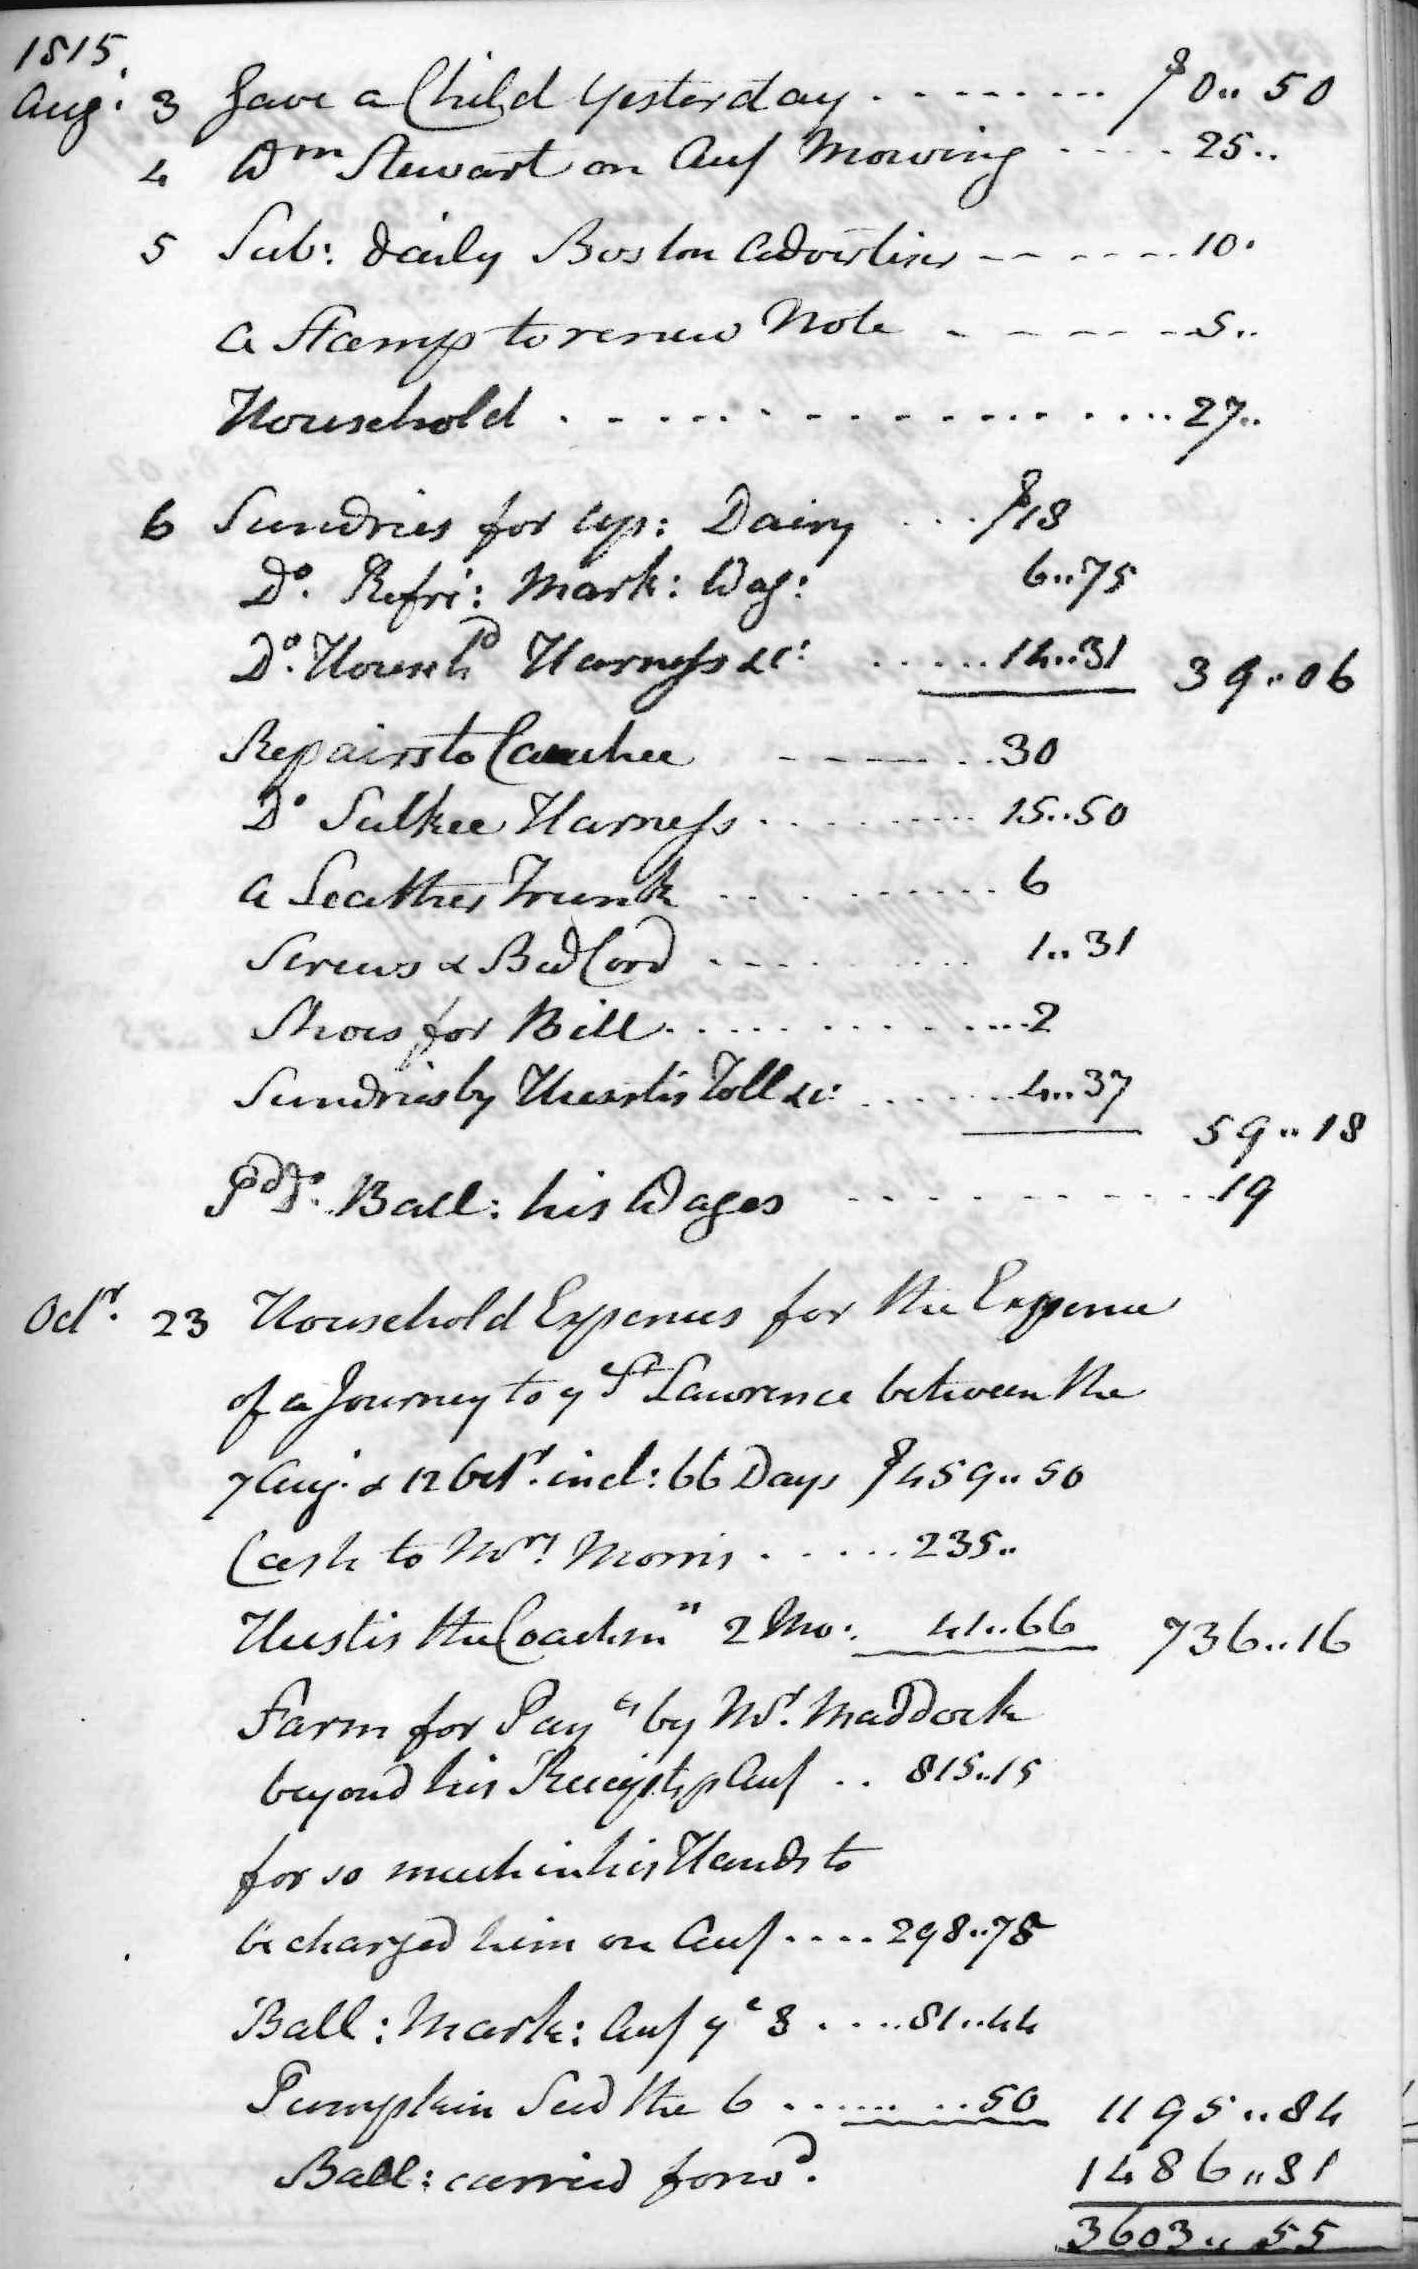 Gouverneur Morris Cash Book, folio 45, right side